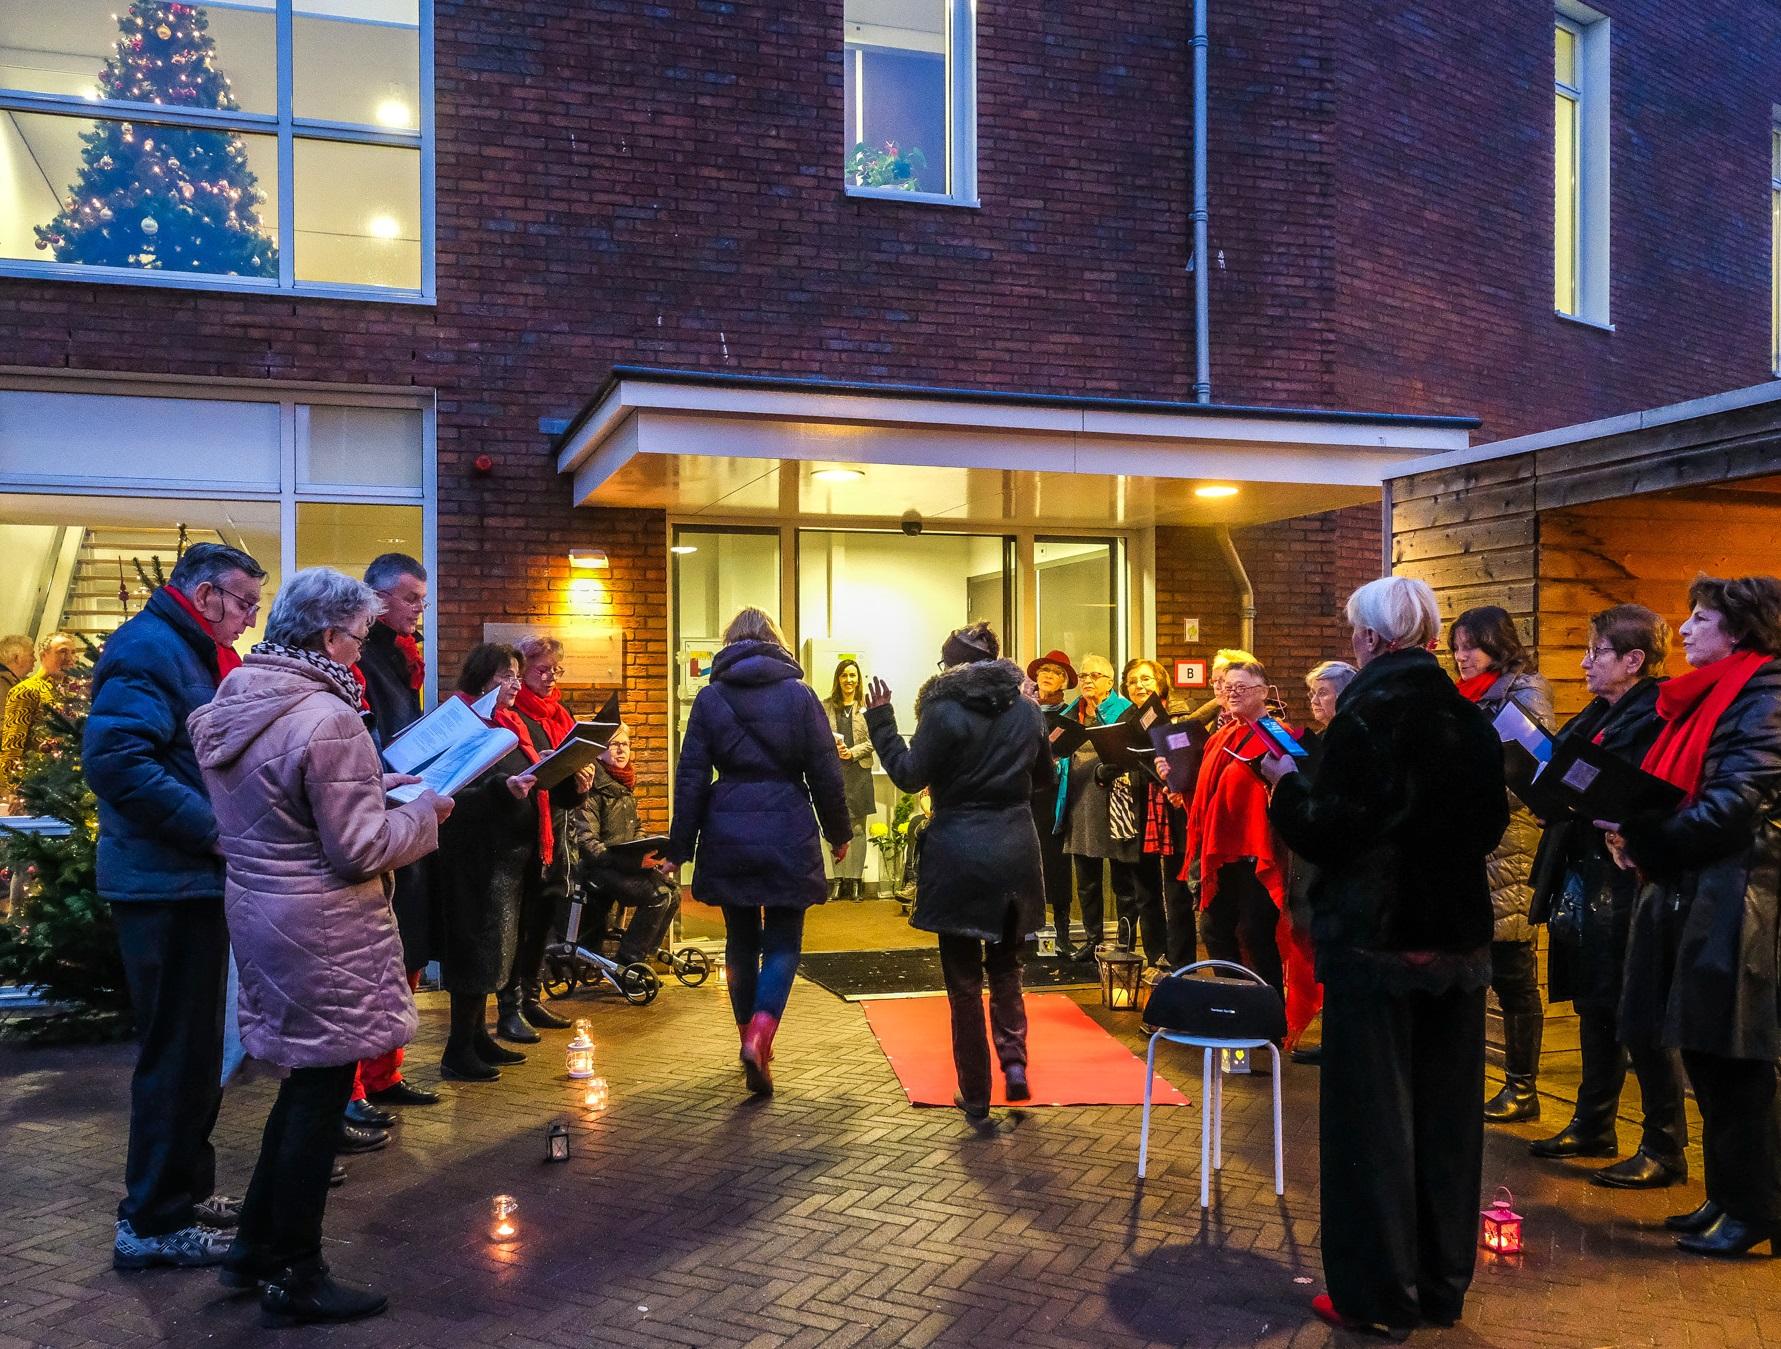 Warm welkom tijdens Cirkel van Licht in hospice Bardo